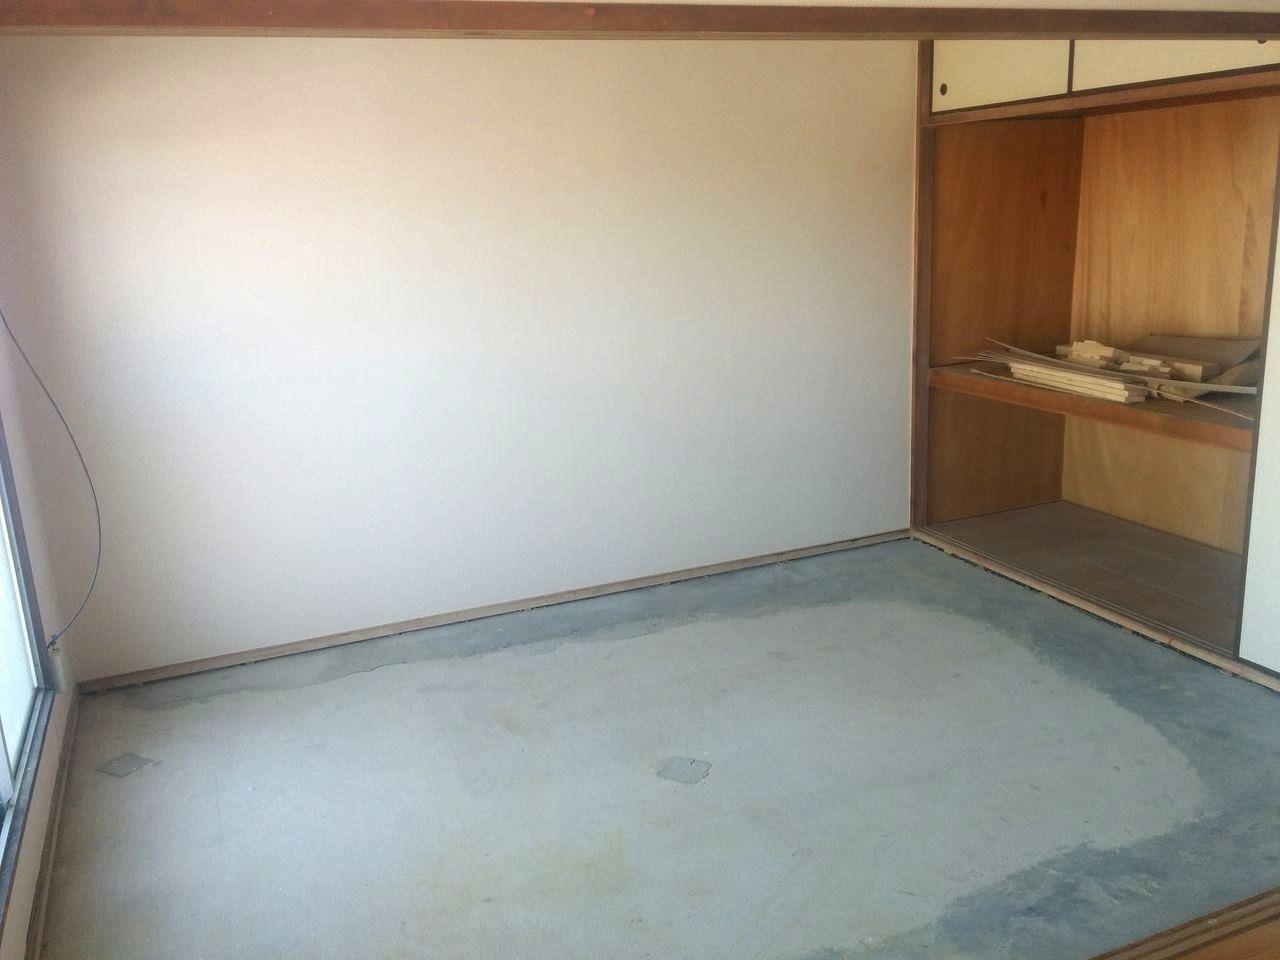 みなさまこんにちは。 先日のブログで告知した通り、畳だった和室をフローリングを貼って洋室にしていきます。 まずは下準備からです。